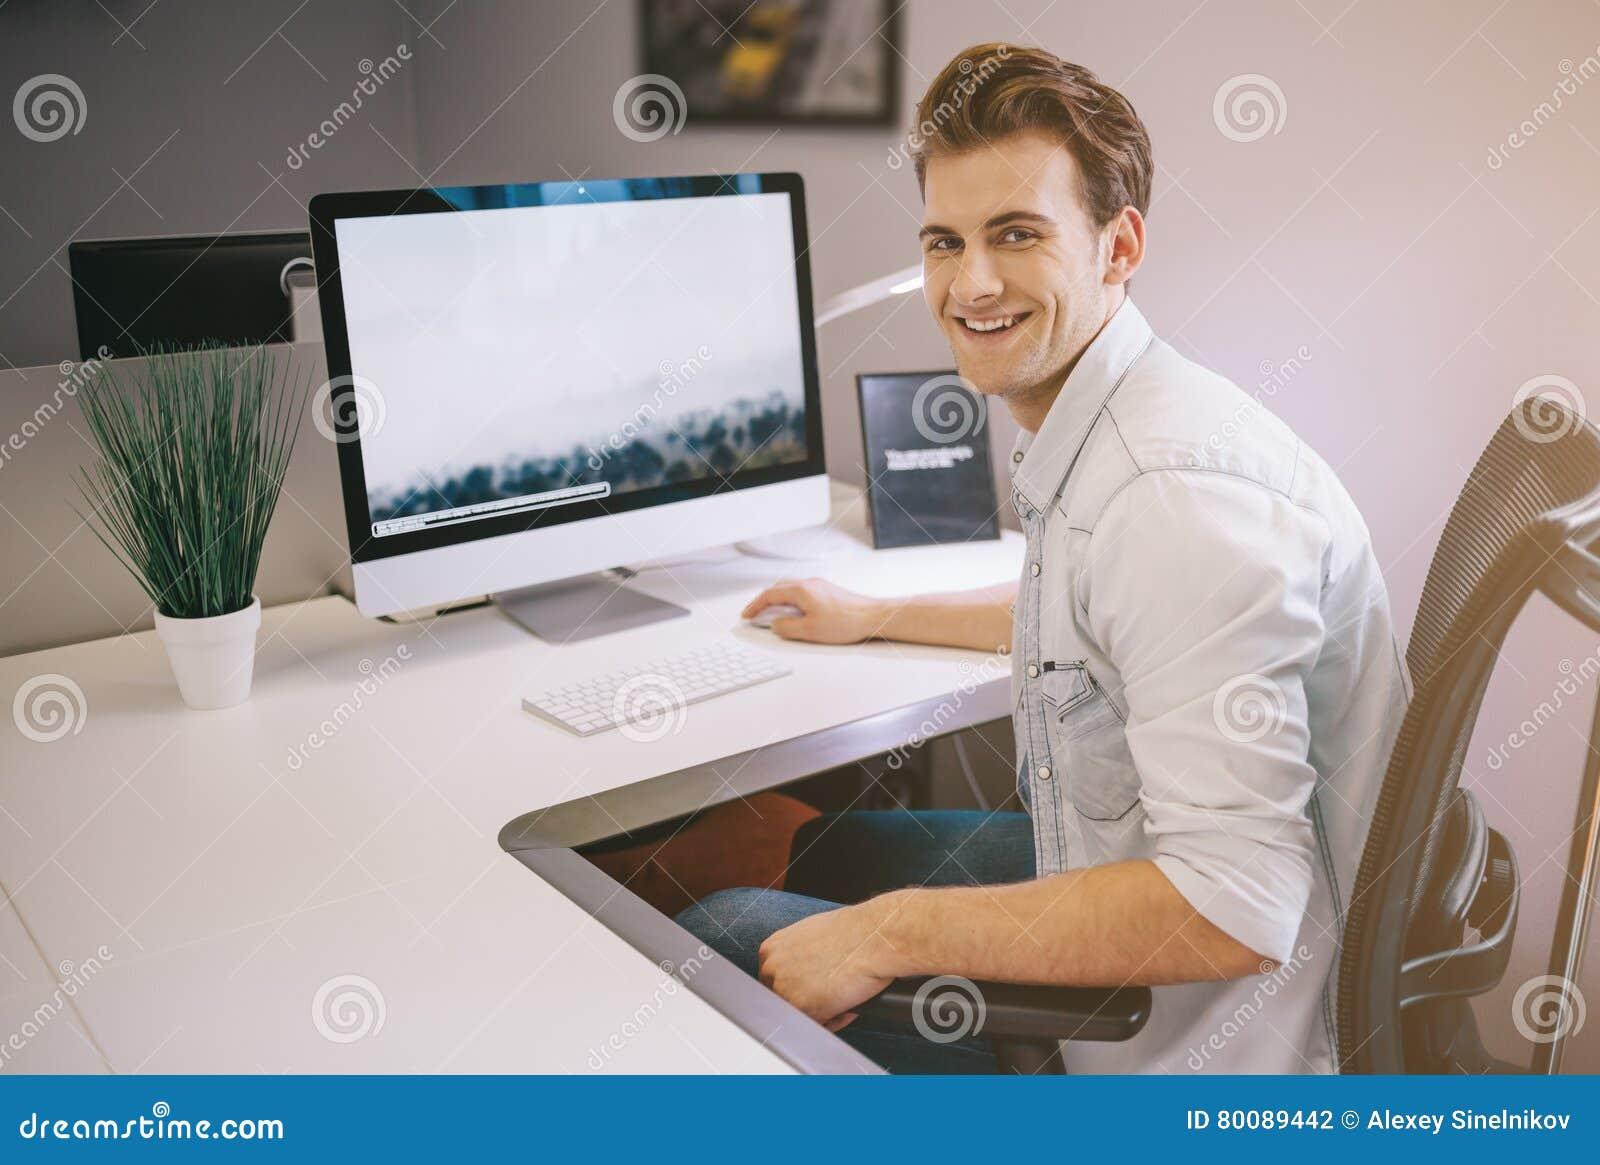 Trabajador joven que se sienta en una oficina en el for Explique que es una oficina